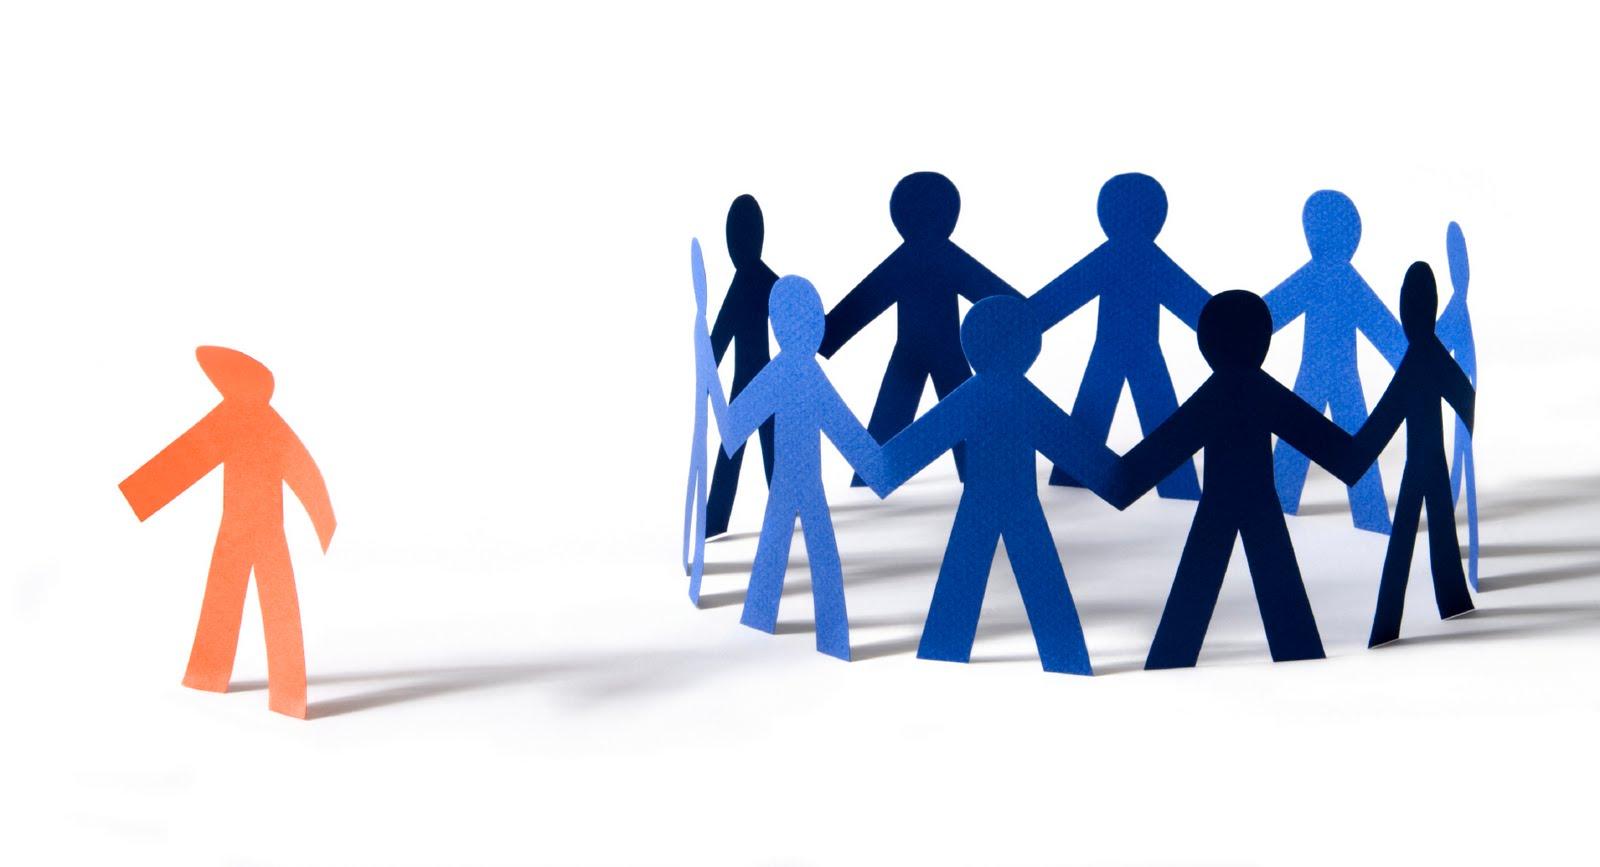 Cum te poți apăra împotriva discriminării la locul de muncă?